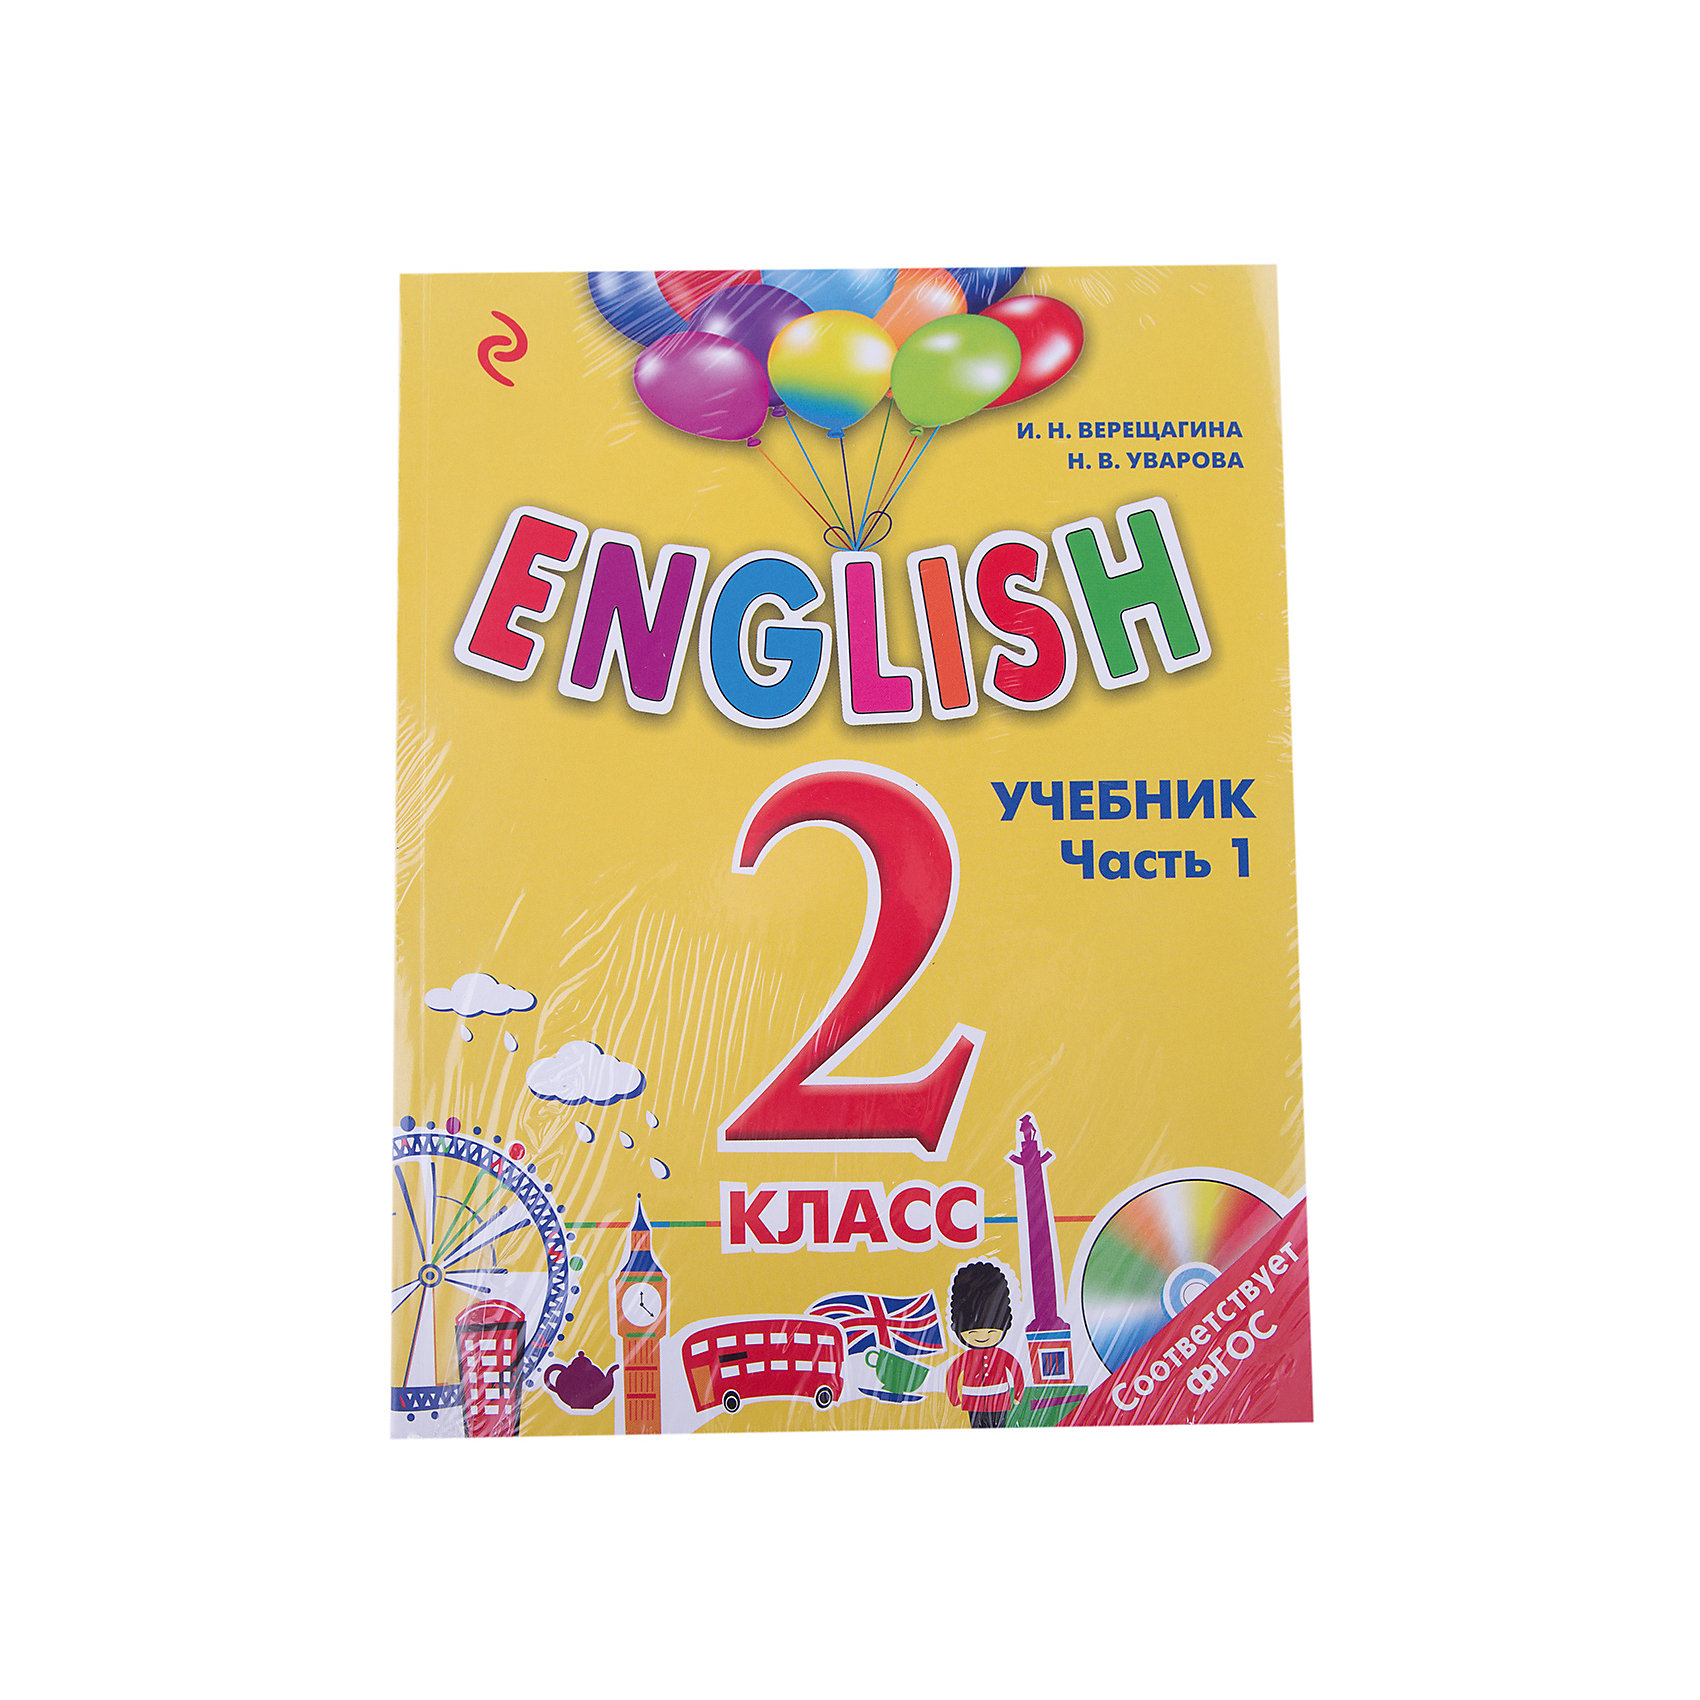 ENGLISH, 2 класс, учебник, часть 1 + СDИностранный язык<br>Учебник представляет собой начальный курс английского языка для учащихся 2 класса общеобразовательных учреждений. Он поможет младшим школьникам освоить фонетику, лексику, грамматику, которые изучаются во 2 классе в рамках школьной программы. Учащиеся приобретут также начальные коммуникативные навыки чтения, говорения, аудирования и письма. Учебник соответствует Федеральному государственному образовательному стандарту, его характеризуют простота, наглядность и доступность изложения материала. Большое количество и разнообразие упражнений для практики, соответствие возрастным особенностям и возможностям учащихся, наличие аудиозаписи в исполнении носителей языка делают учебник чрезвычайно полезным при изучении английского языка в начальной школе.<br>Учебник предназначен для младших школьников, изучающих английский язык с преподавателем или репетитором, а также дома с родителями.<br>Учебник является частью учебно-методического комплекта, в который входят также рабочая тетрадь, книга для чтения, контрольные задания и методическое пособие для взрослых.<br><br>Ширина мм: 280<br>Глубина мм: 210<br>Высота мм: 10<br>Вес г: 322<br>Возраст от месяцев: 72<br>Возраст до месяцев: 96<br>Пол: Унисекс<br>Возраст: Детский<br>SKU: 6878173